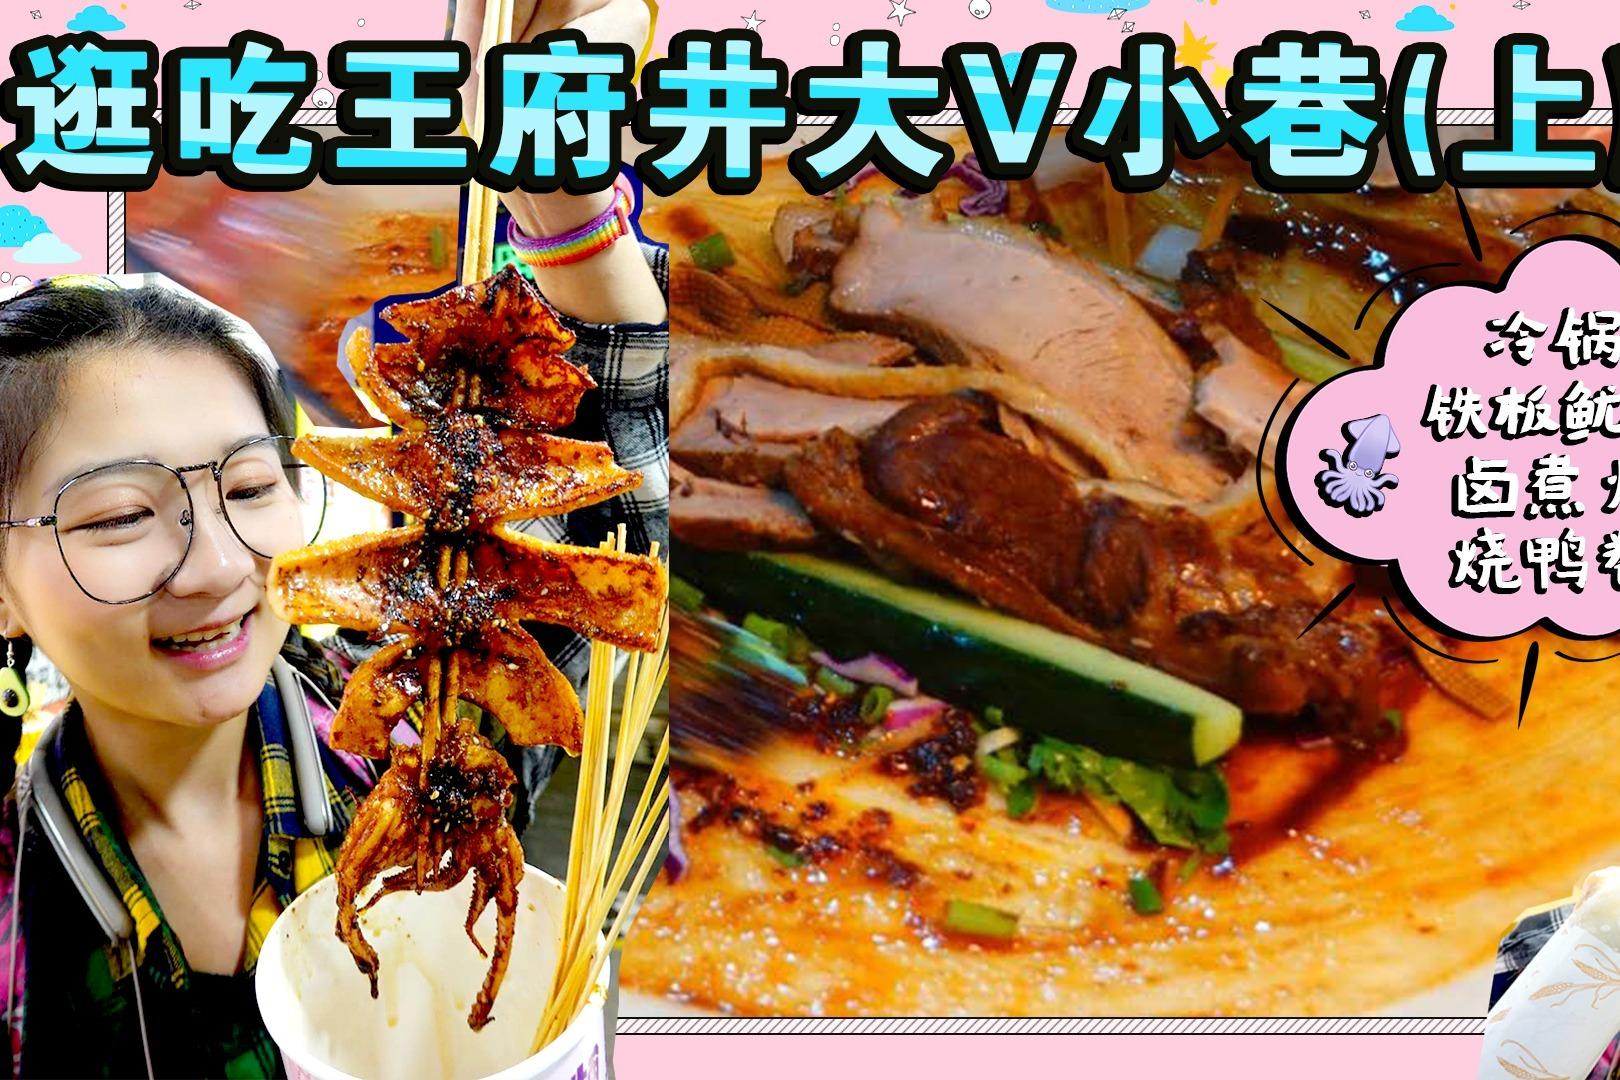 【逛吃北京】王府井隐藏美食街区,大V小巷的铁板鱿鱼卤煮火烧